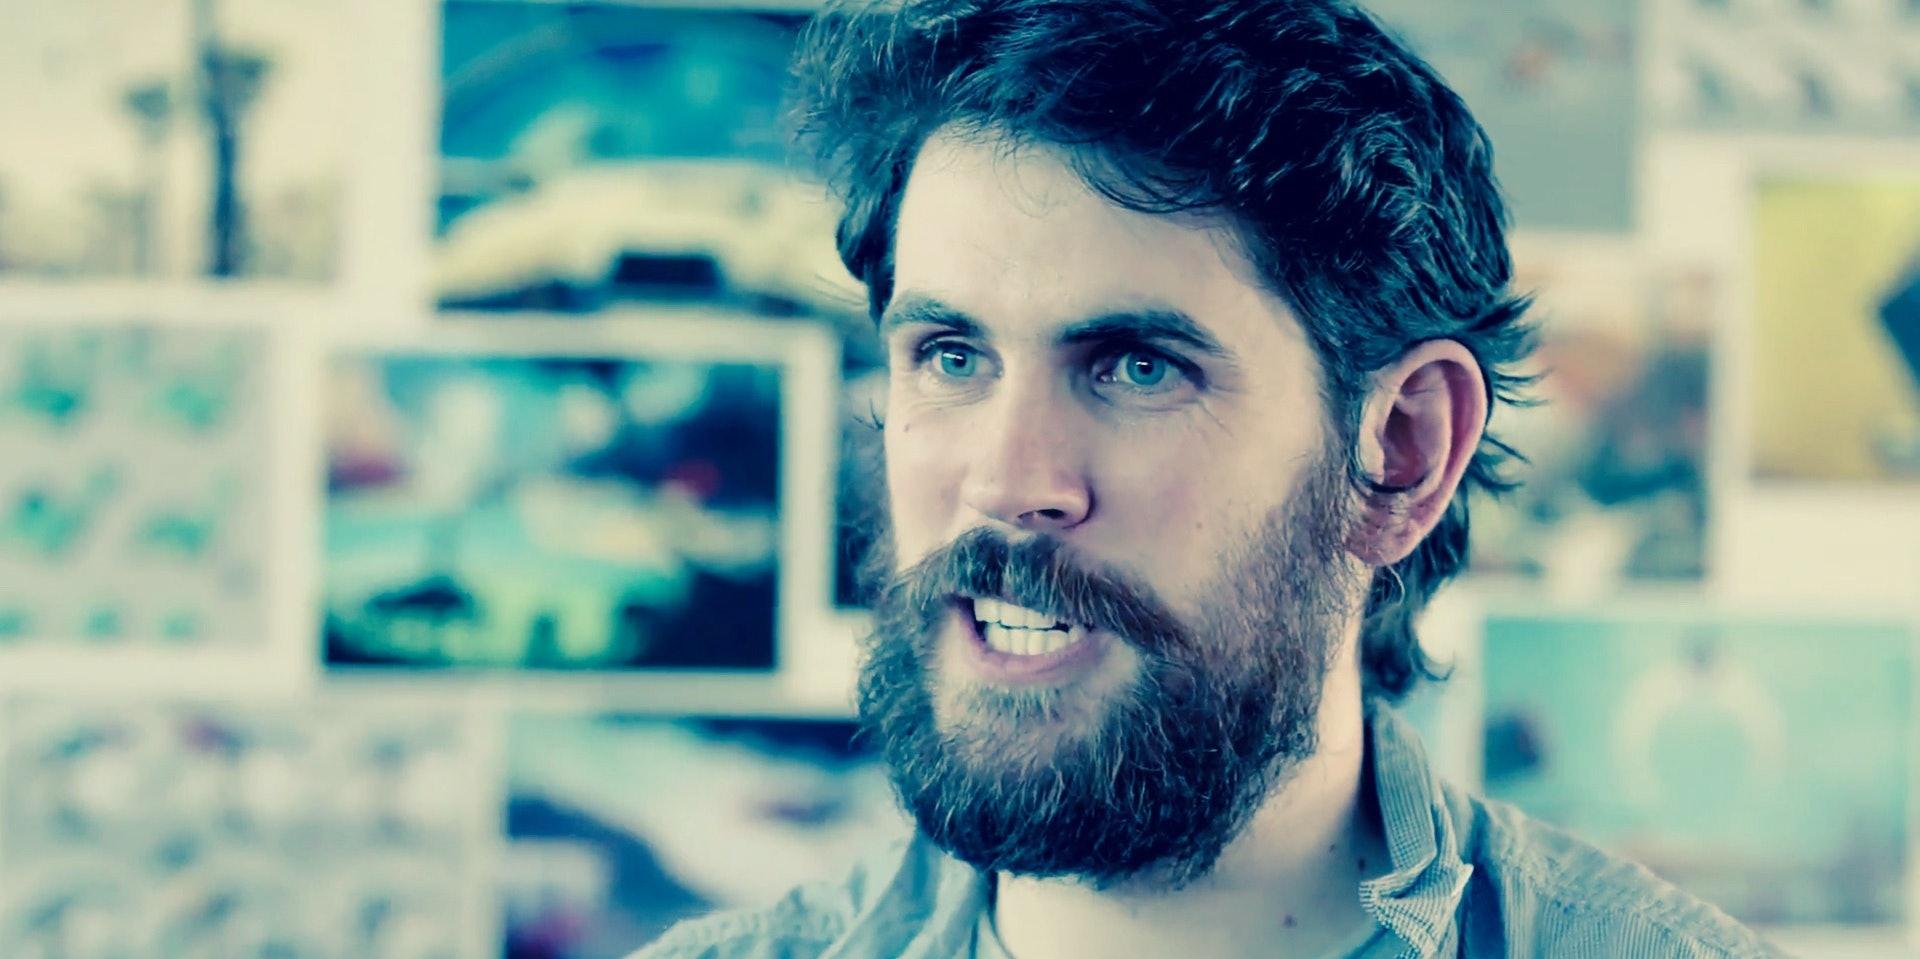 Sean Murray, the brain behind No Man's Sky